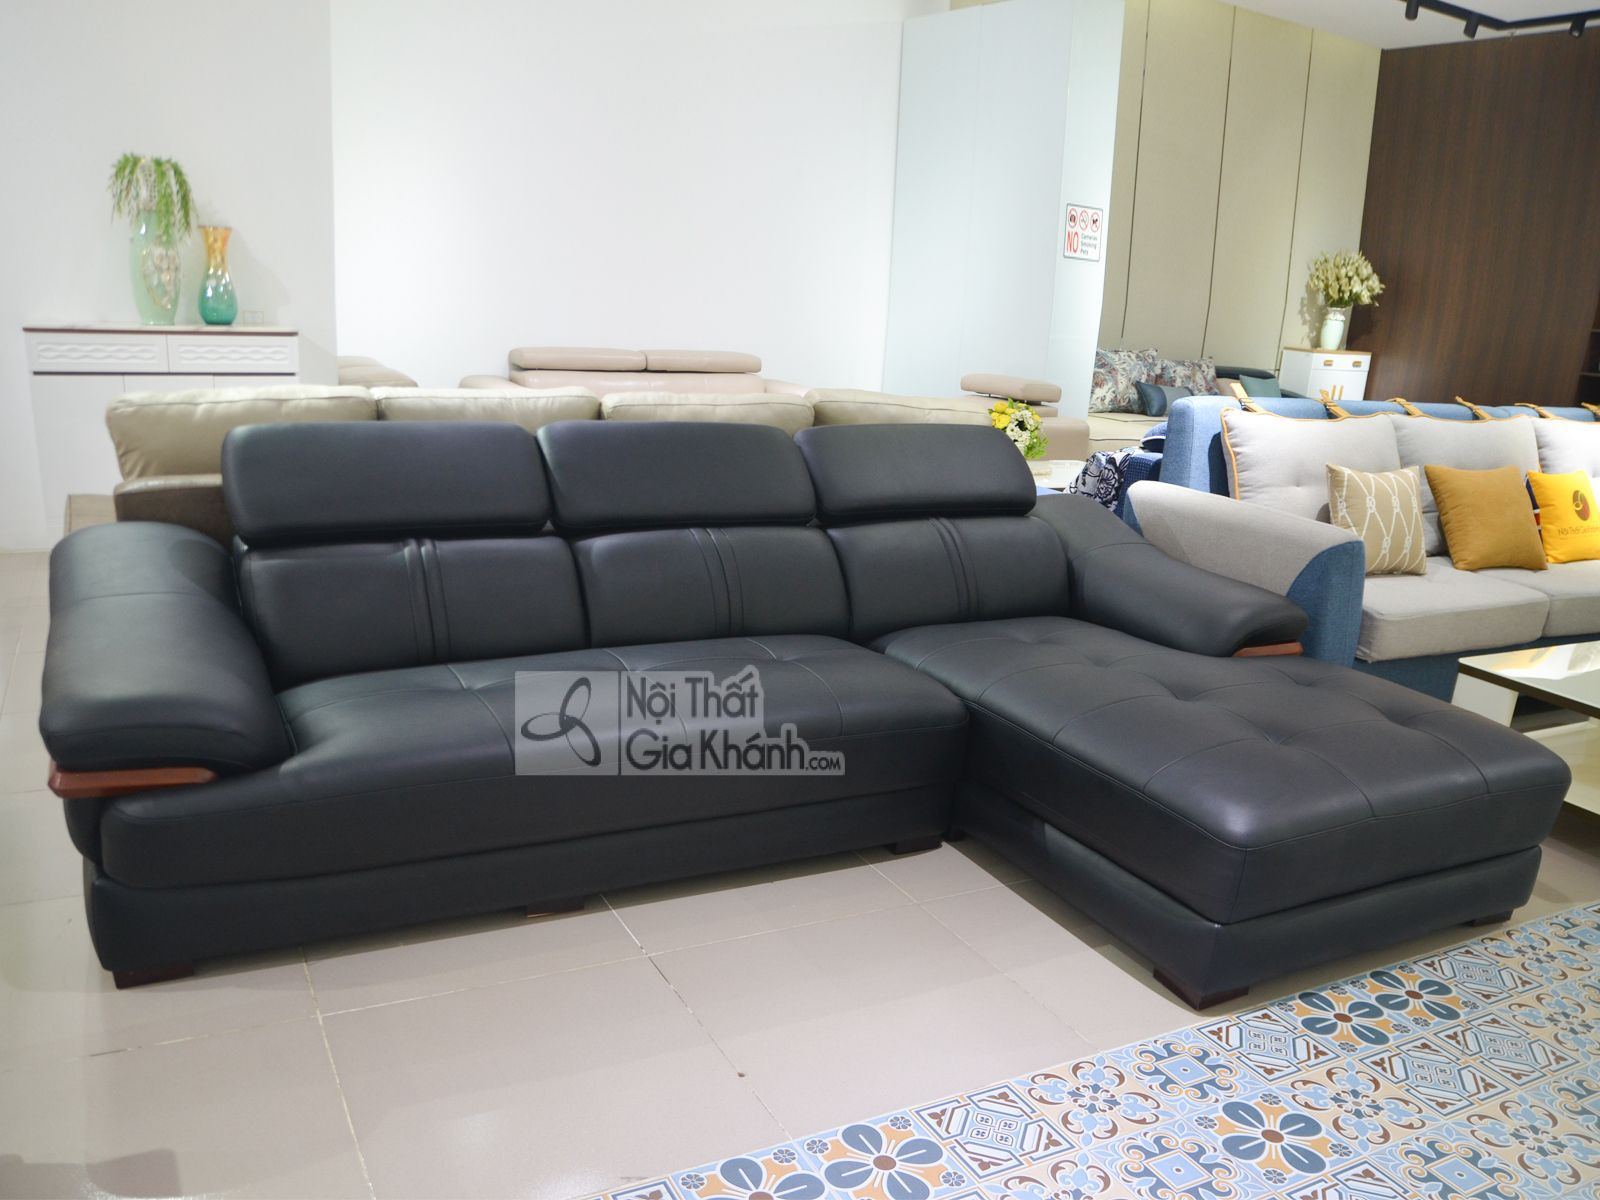 sofa da phong khach 6725d sf 4 - Sofa da 2 băng góc trái ST0672-2-C1